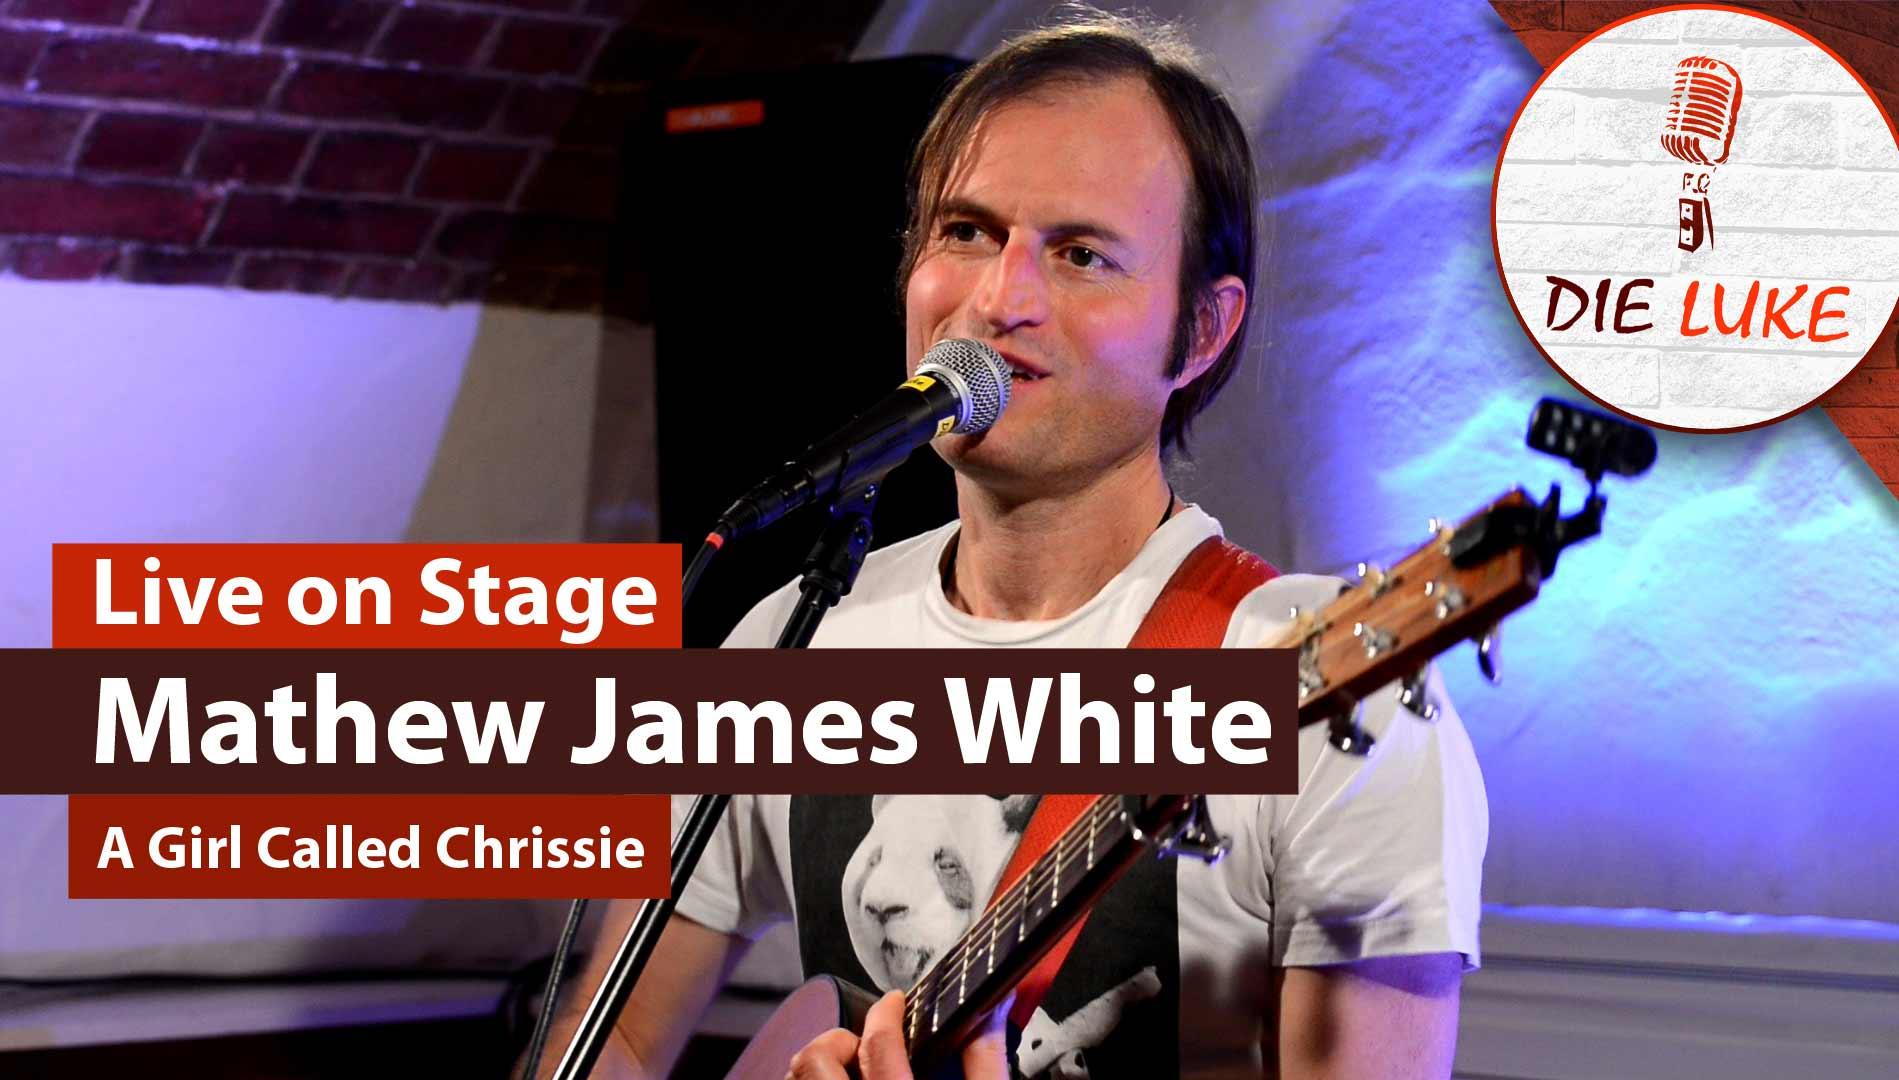 Mathew James White